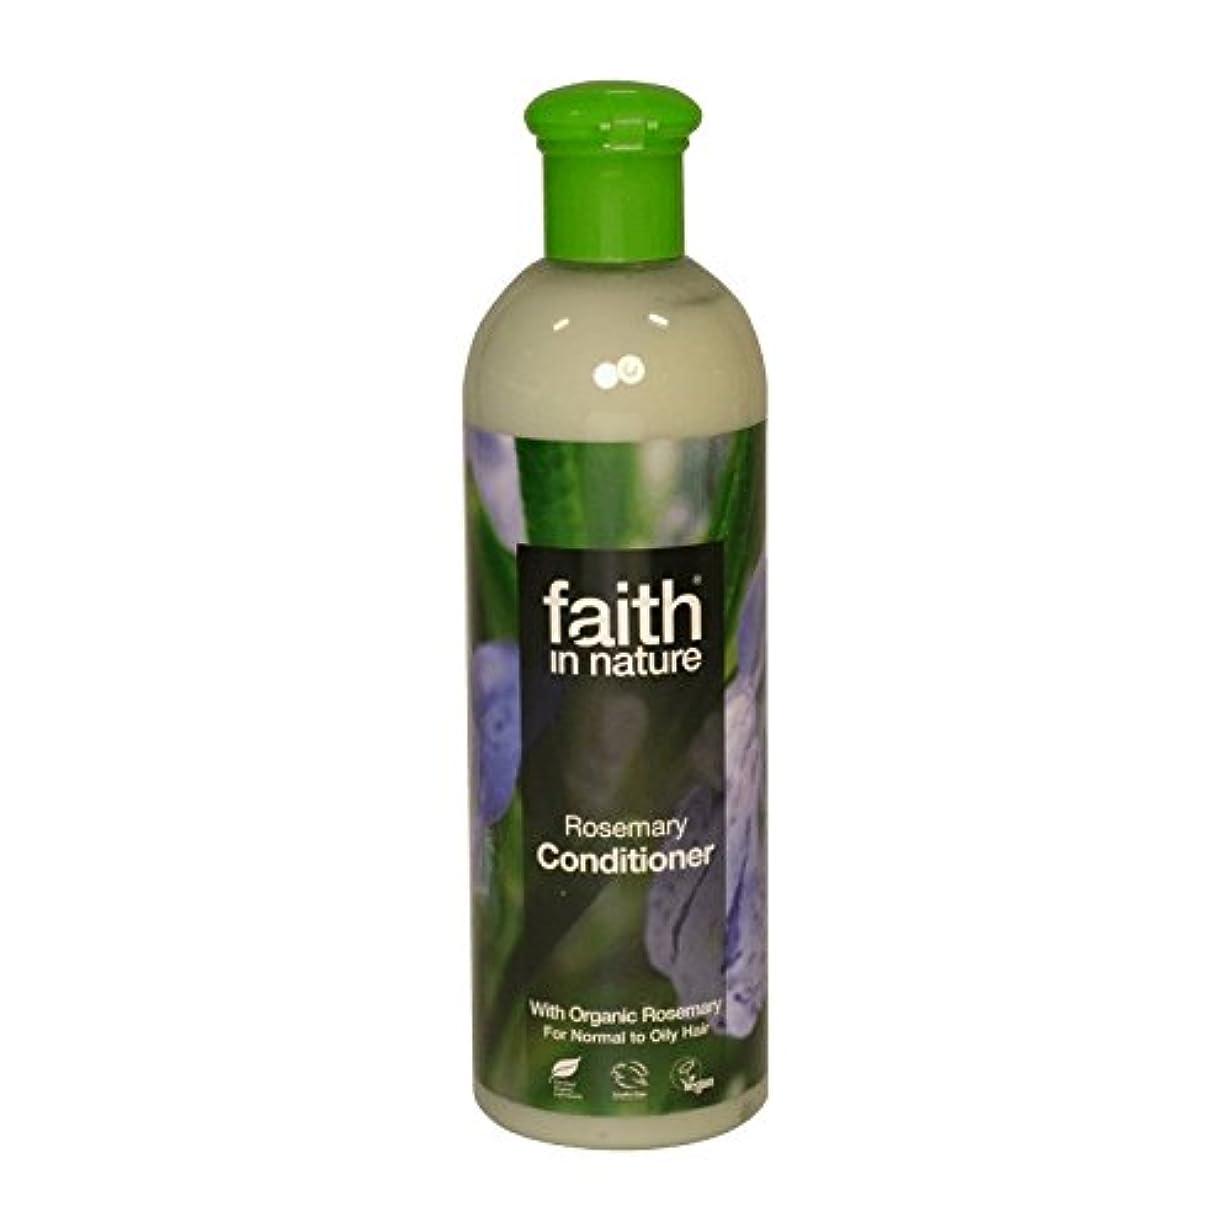 ホーン被る発生Faith in Nature Rosemary Conditioner 400ml (Pack of 2) - 自然ローズマリーコンディショナー400ミリリットルの信仰 (x2) [並行輸入品]